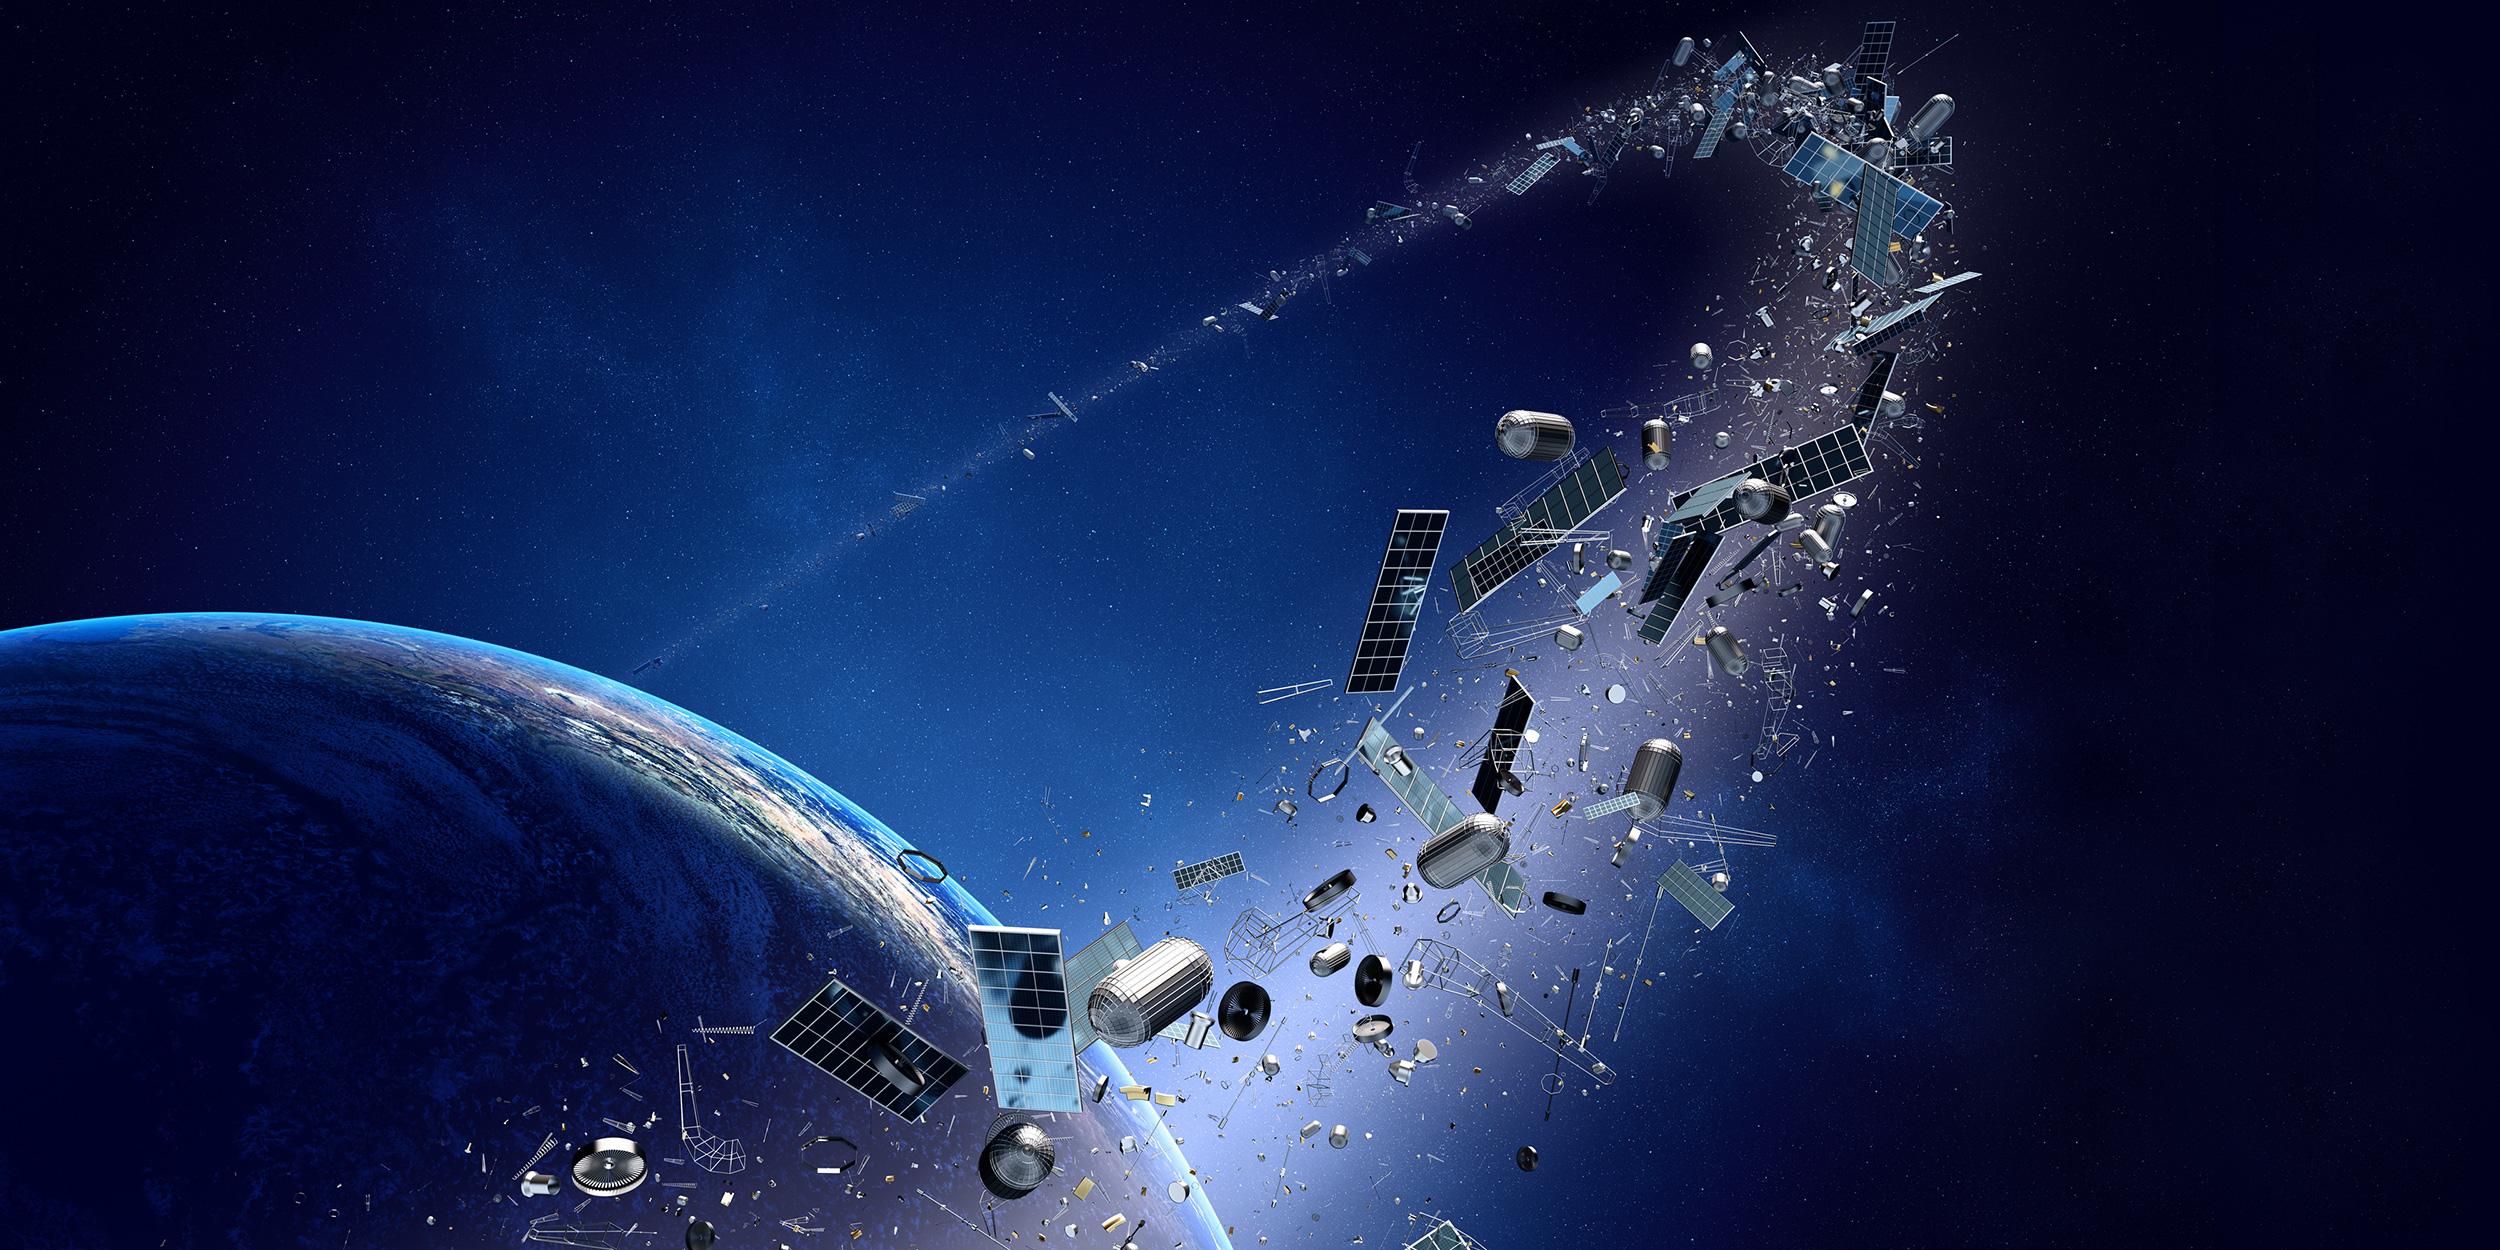 Четыре космических технологии, которые изменят нашу жизнь в ближайшем будущем